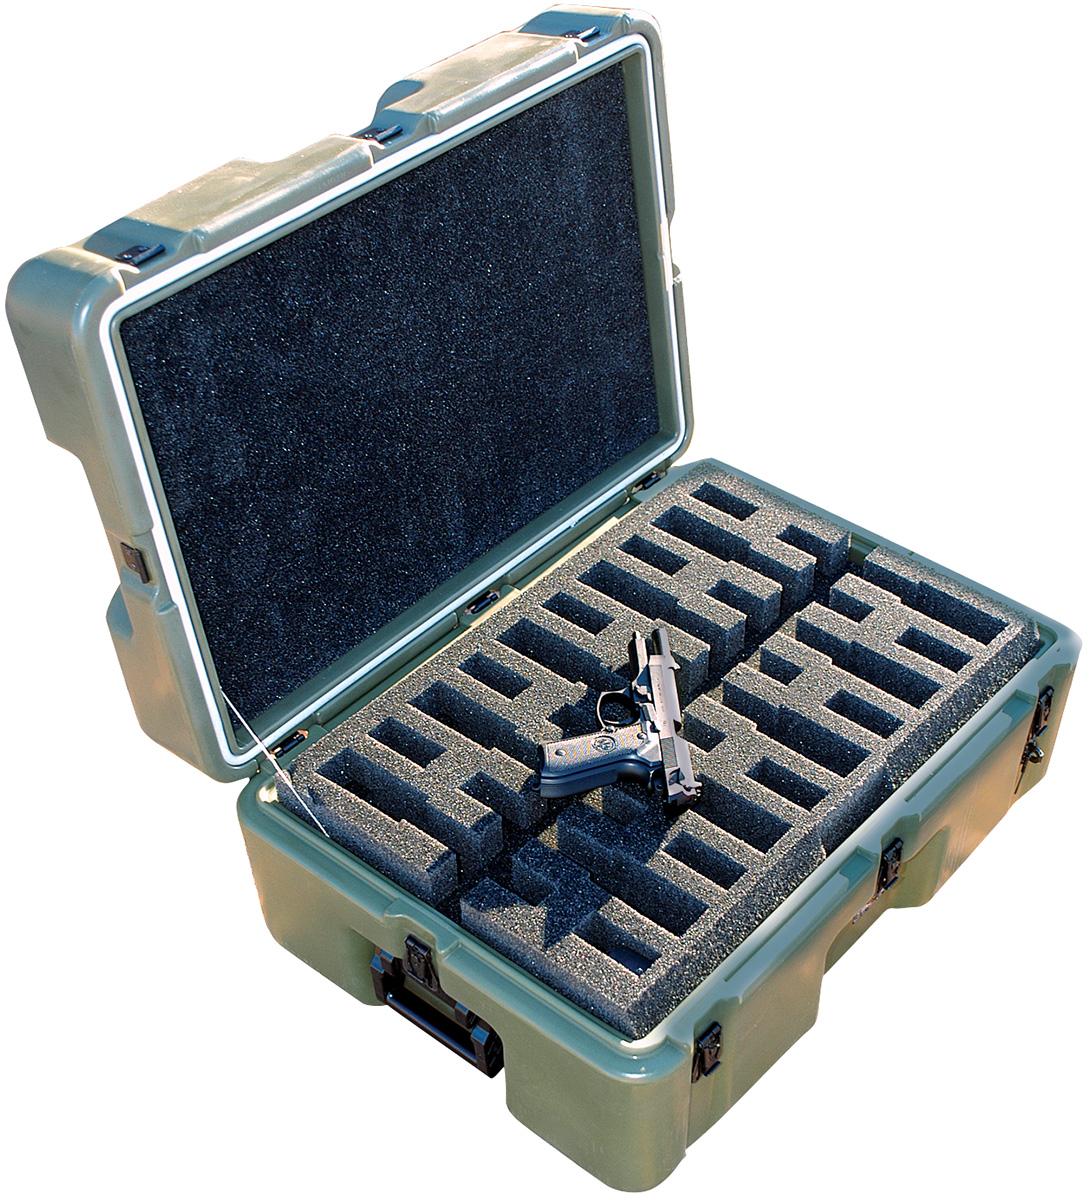 pelican military m9 pistol transport case